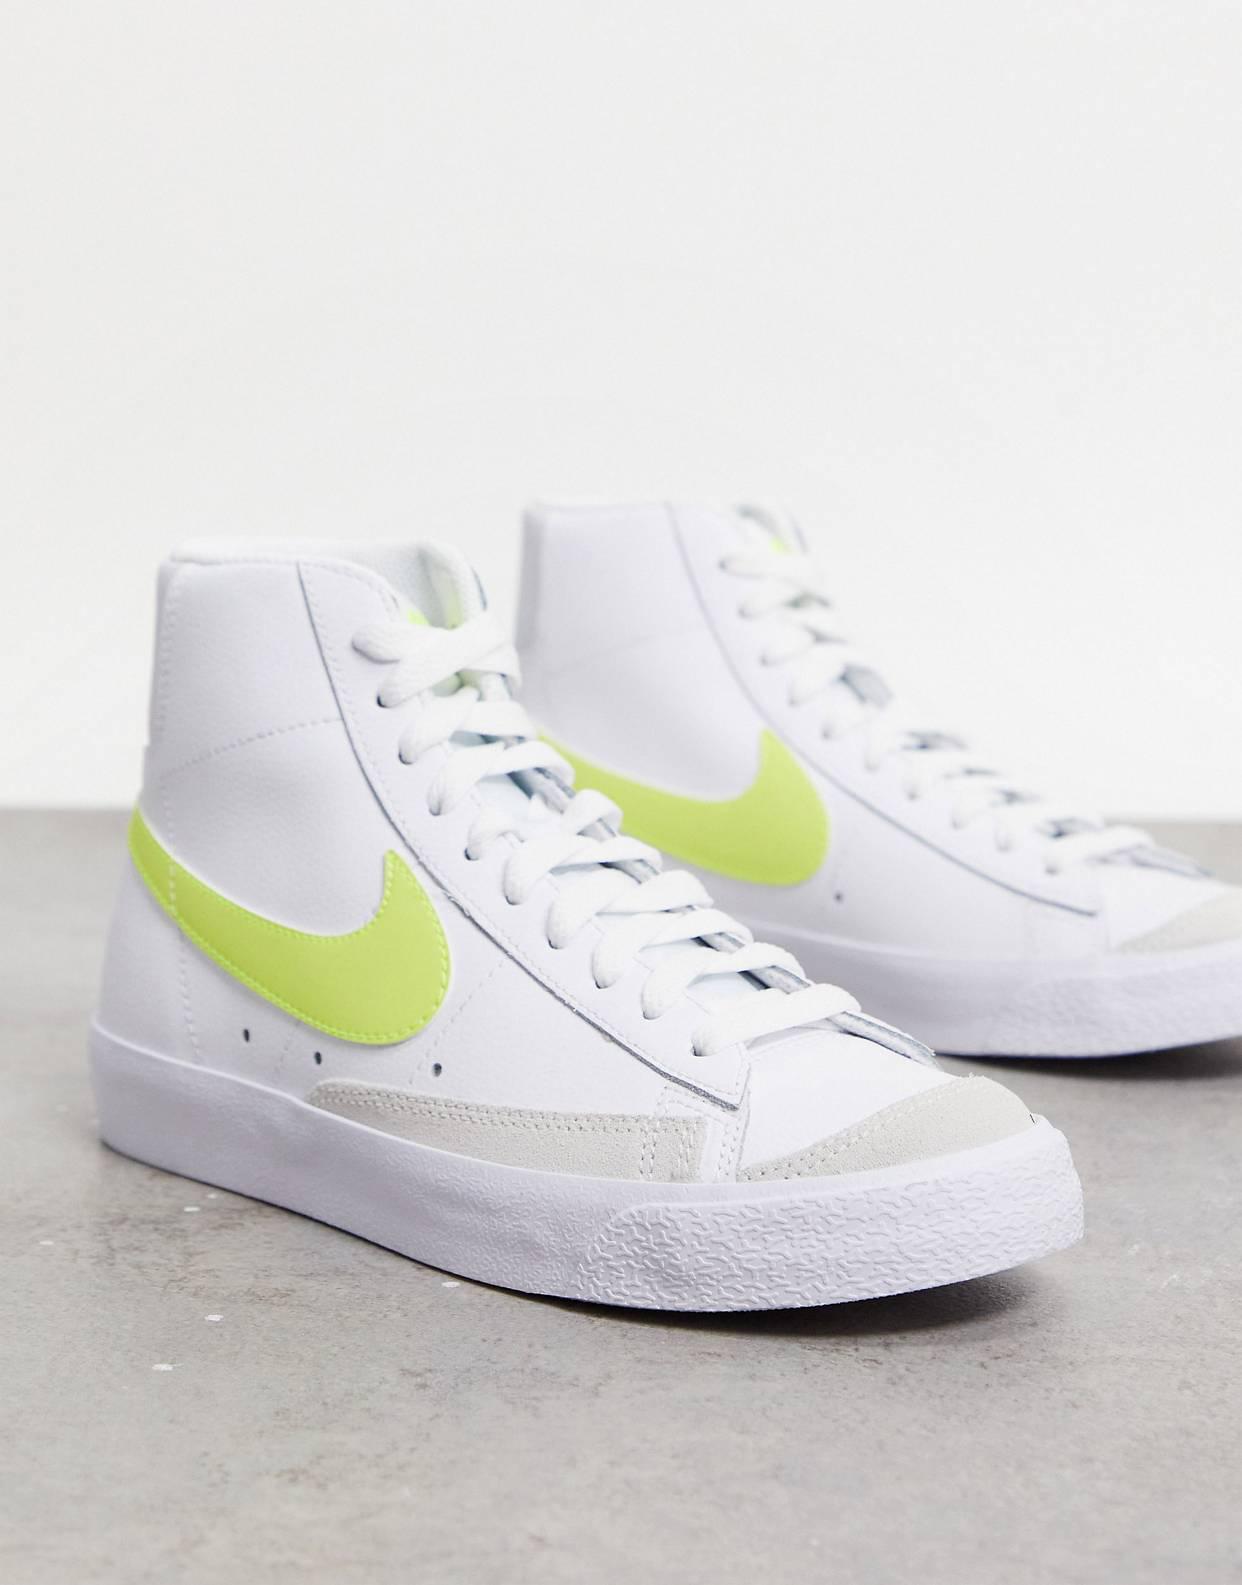 Zapatillas de deporte blancas y amarillas Blazer Mid 77' de Nike